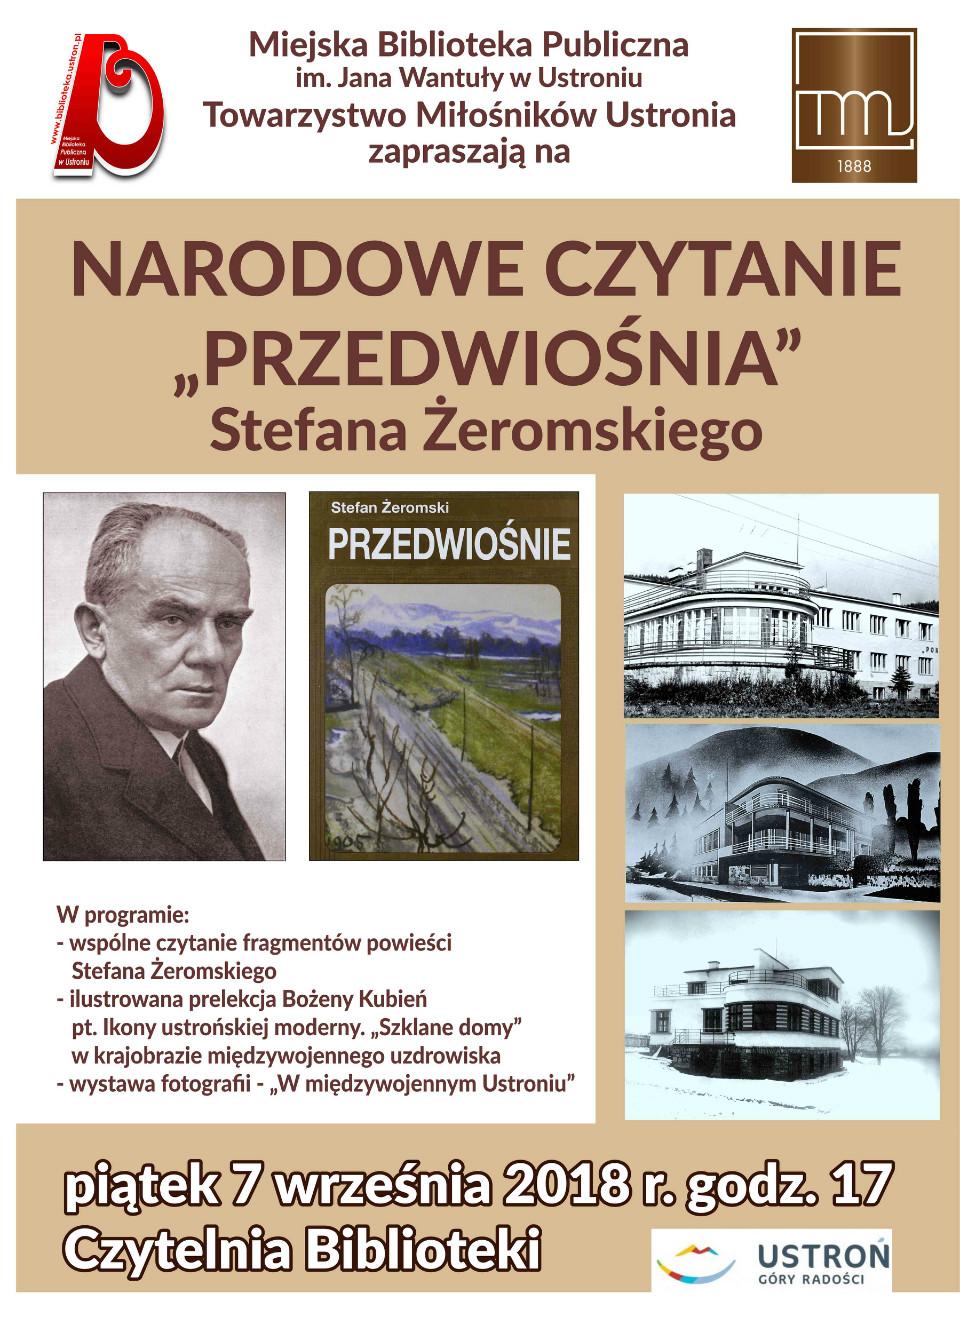 narodowe czytanie 7 września